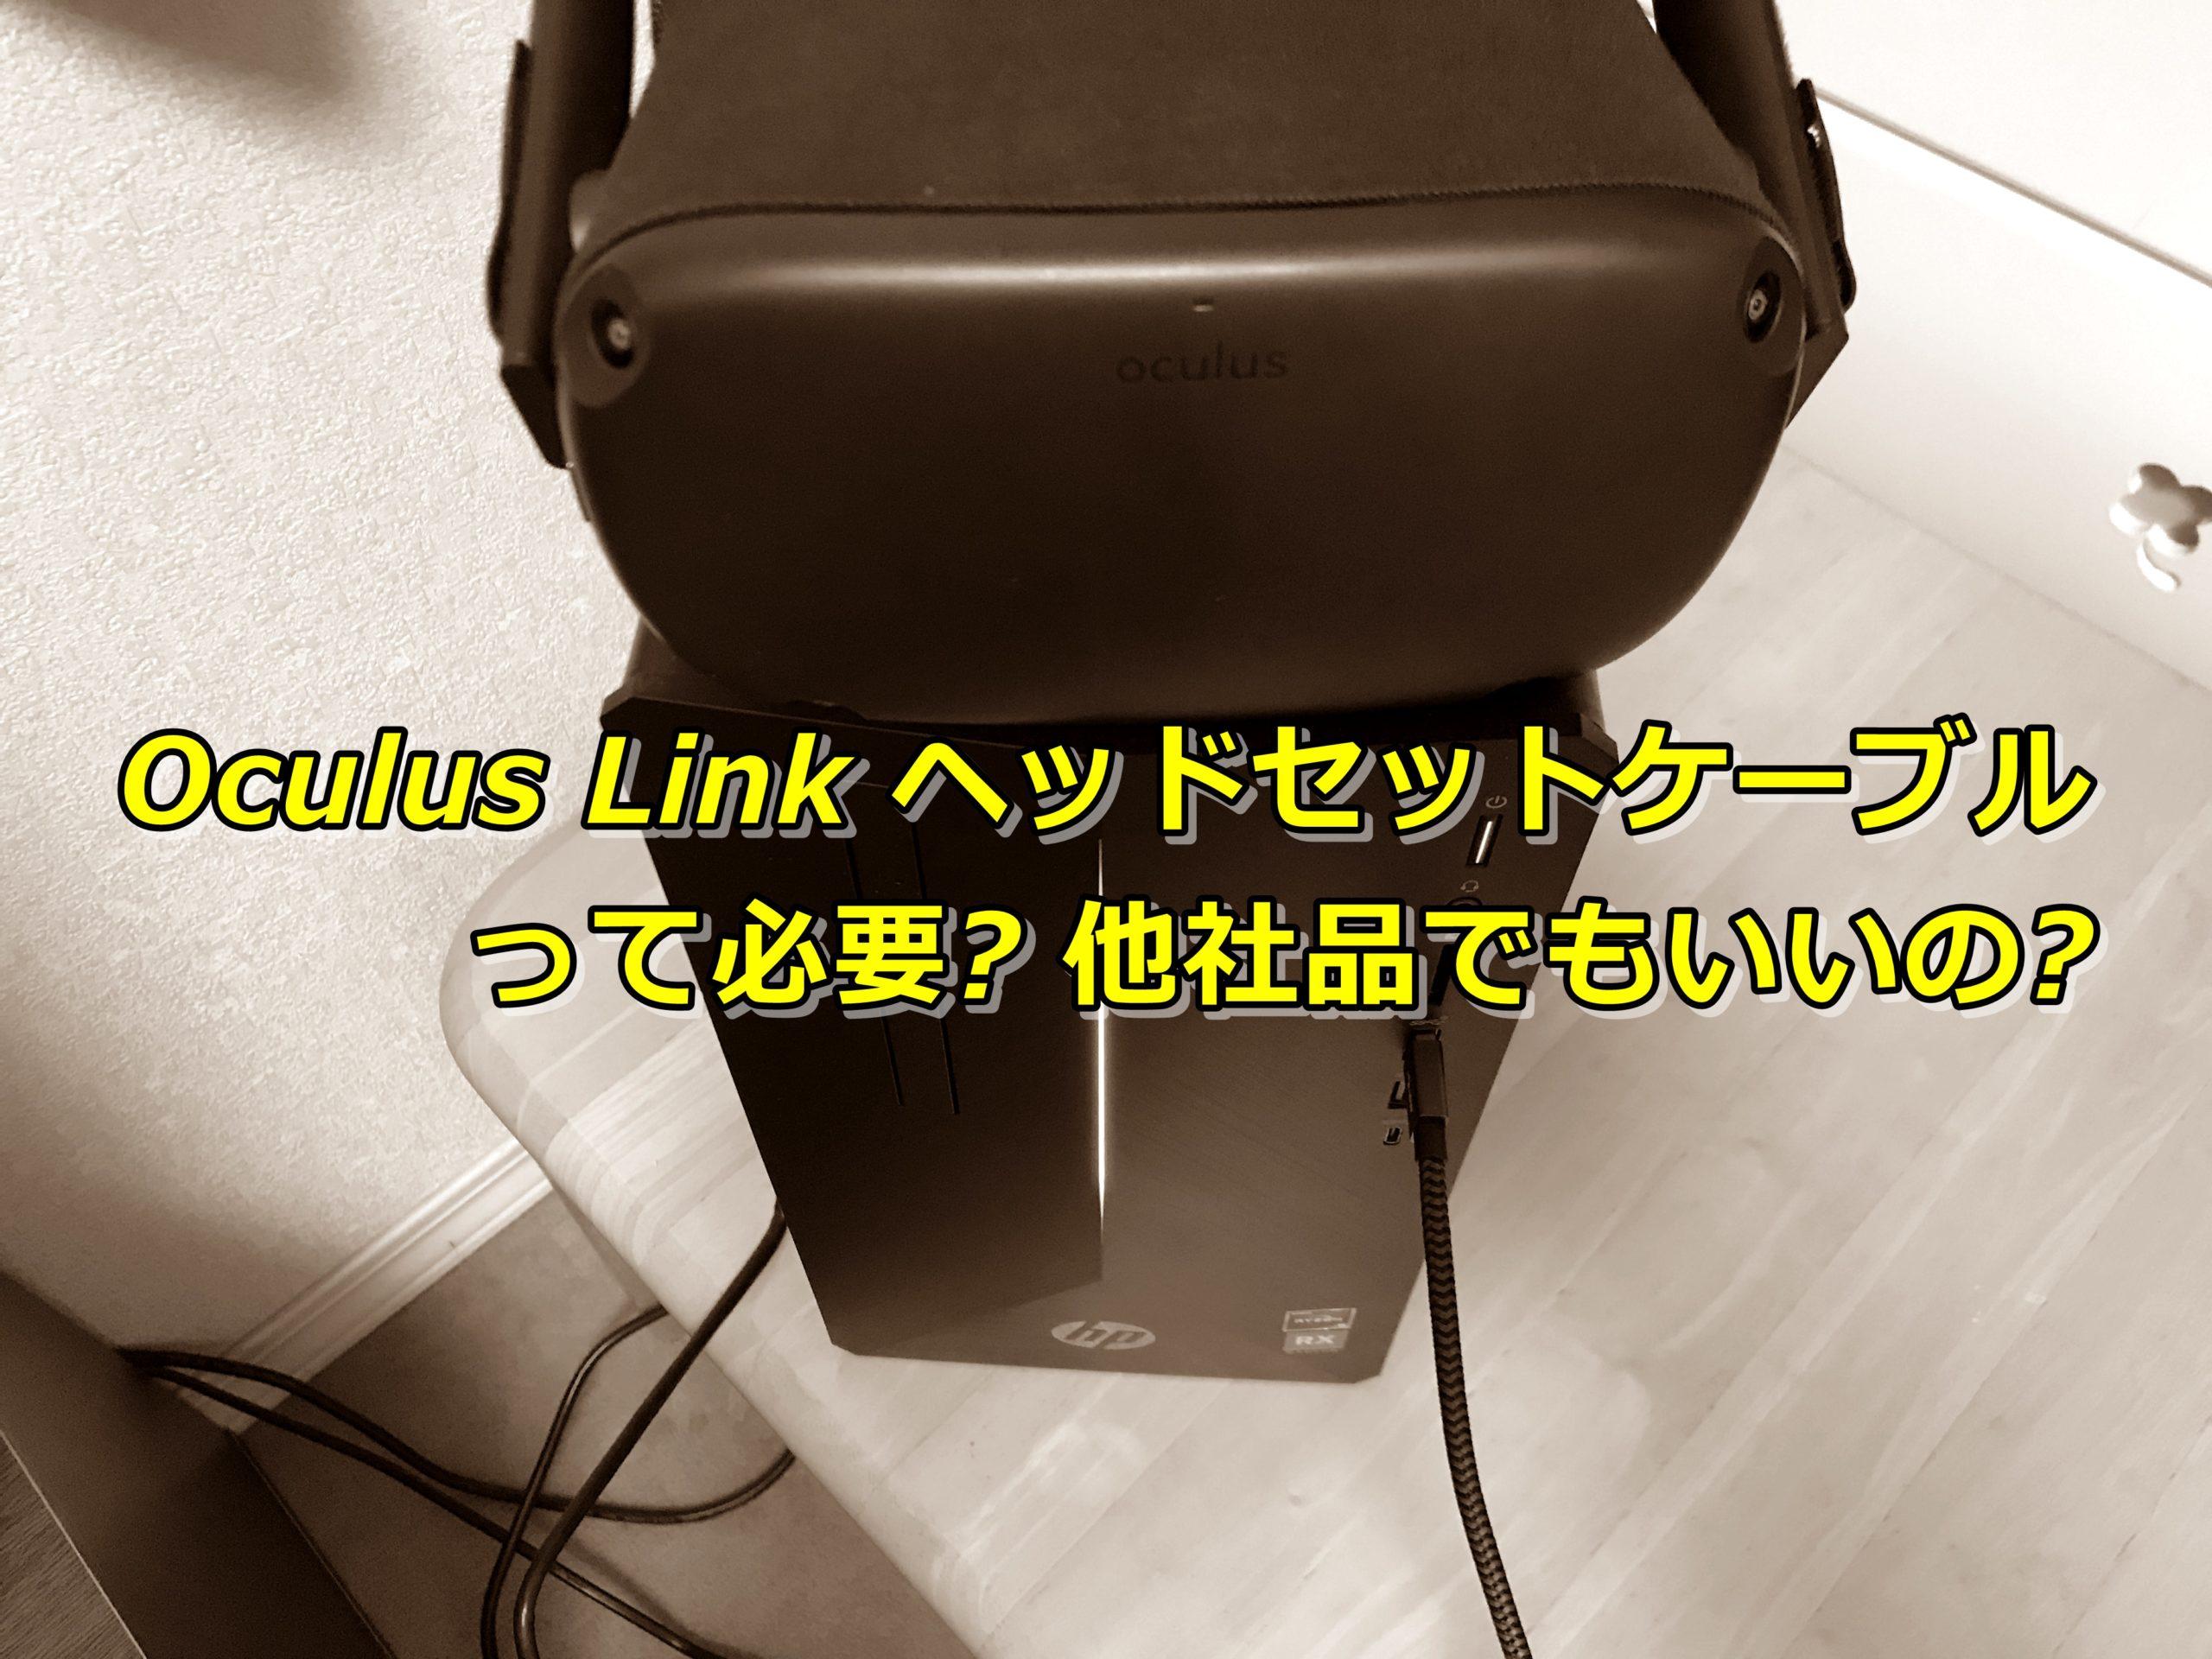 Oculus Linkヘッドセットケーブル購入は必要か?他社品で十分か?